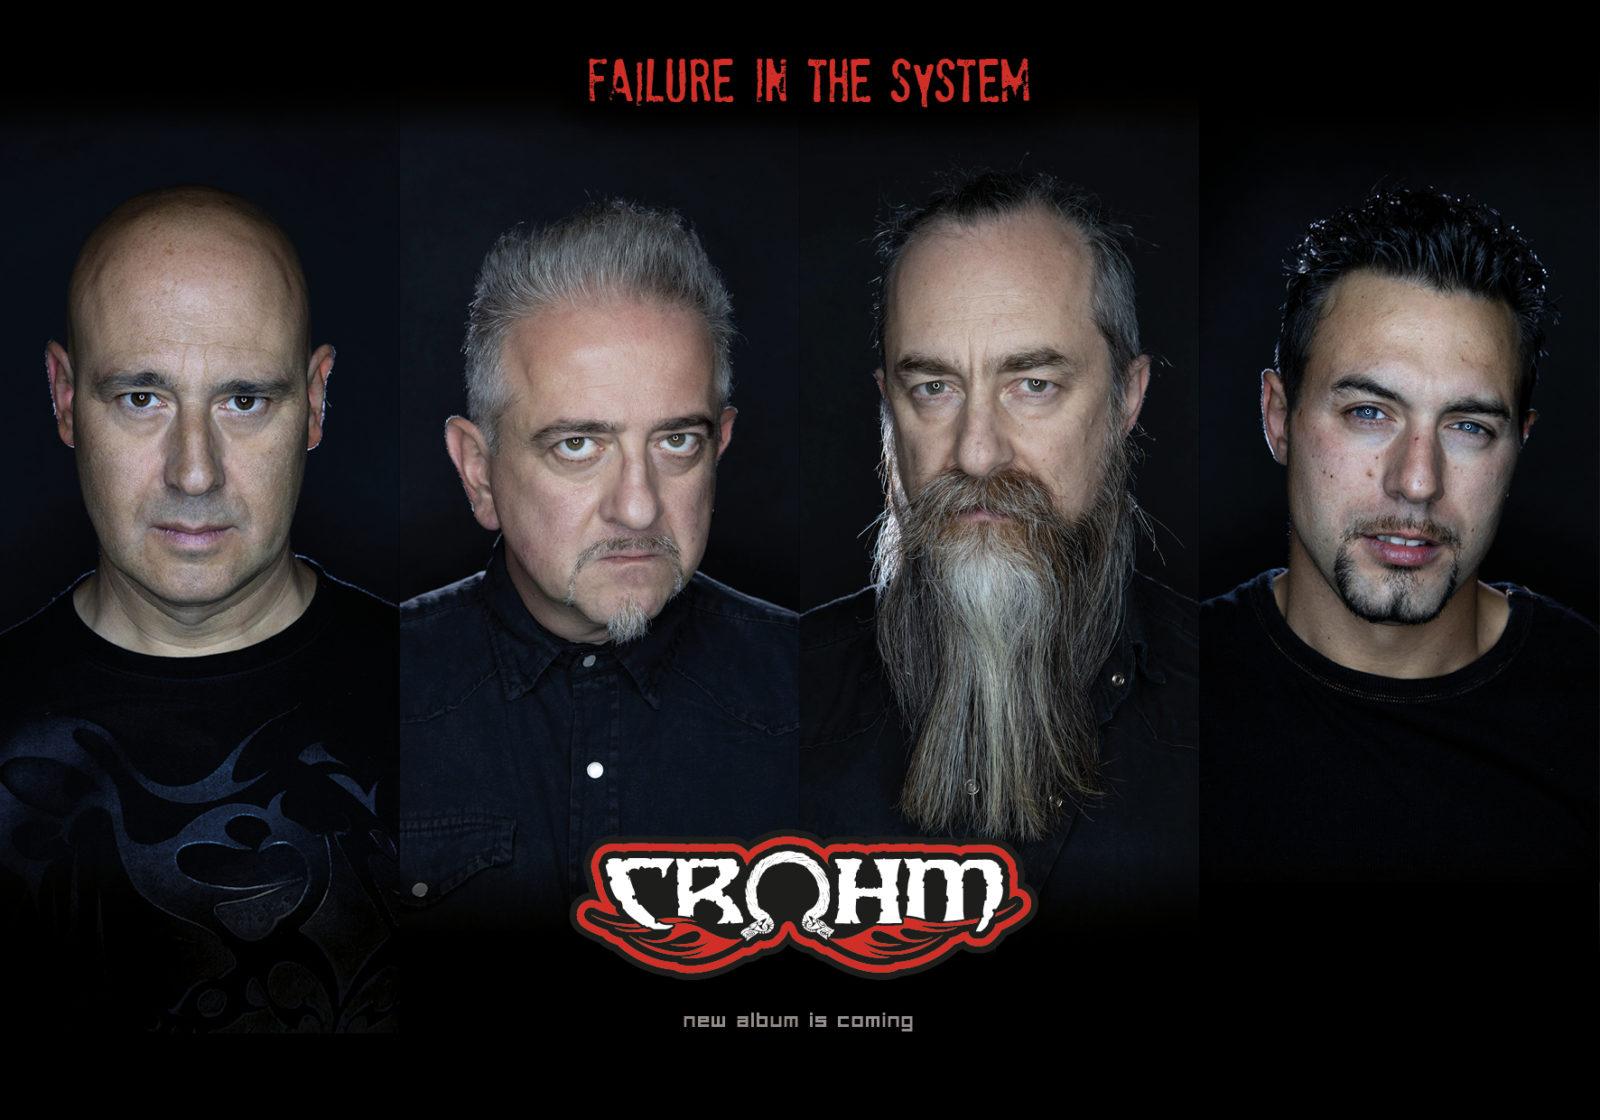 Crohm band promo FitS